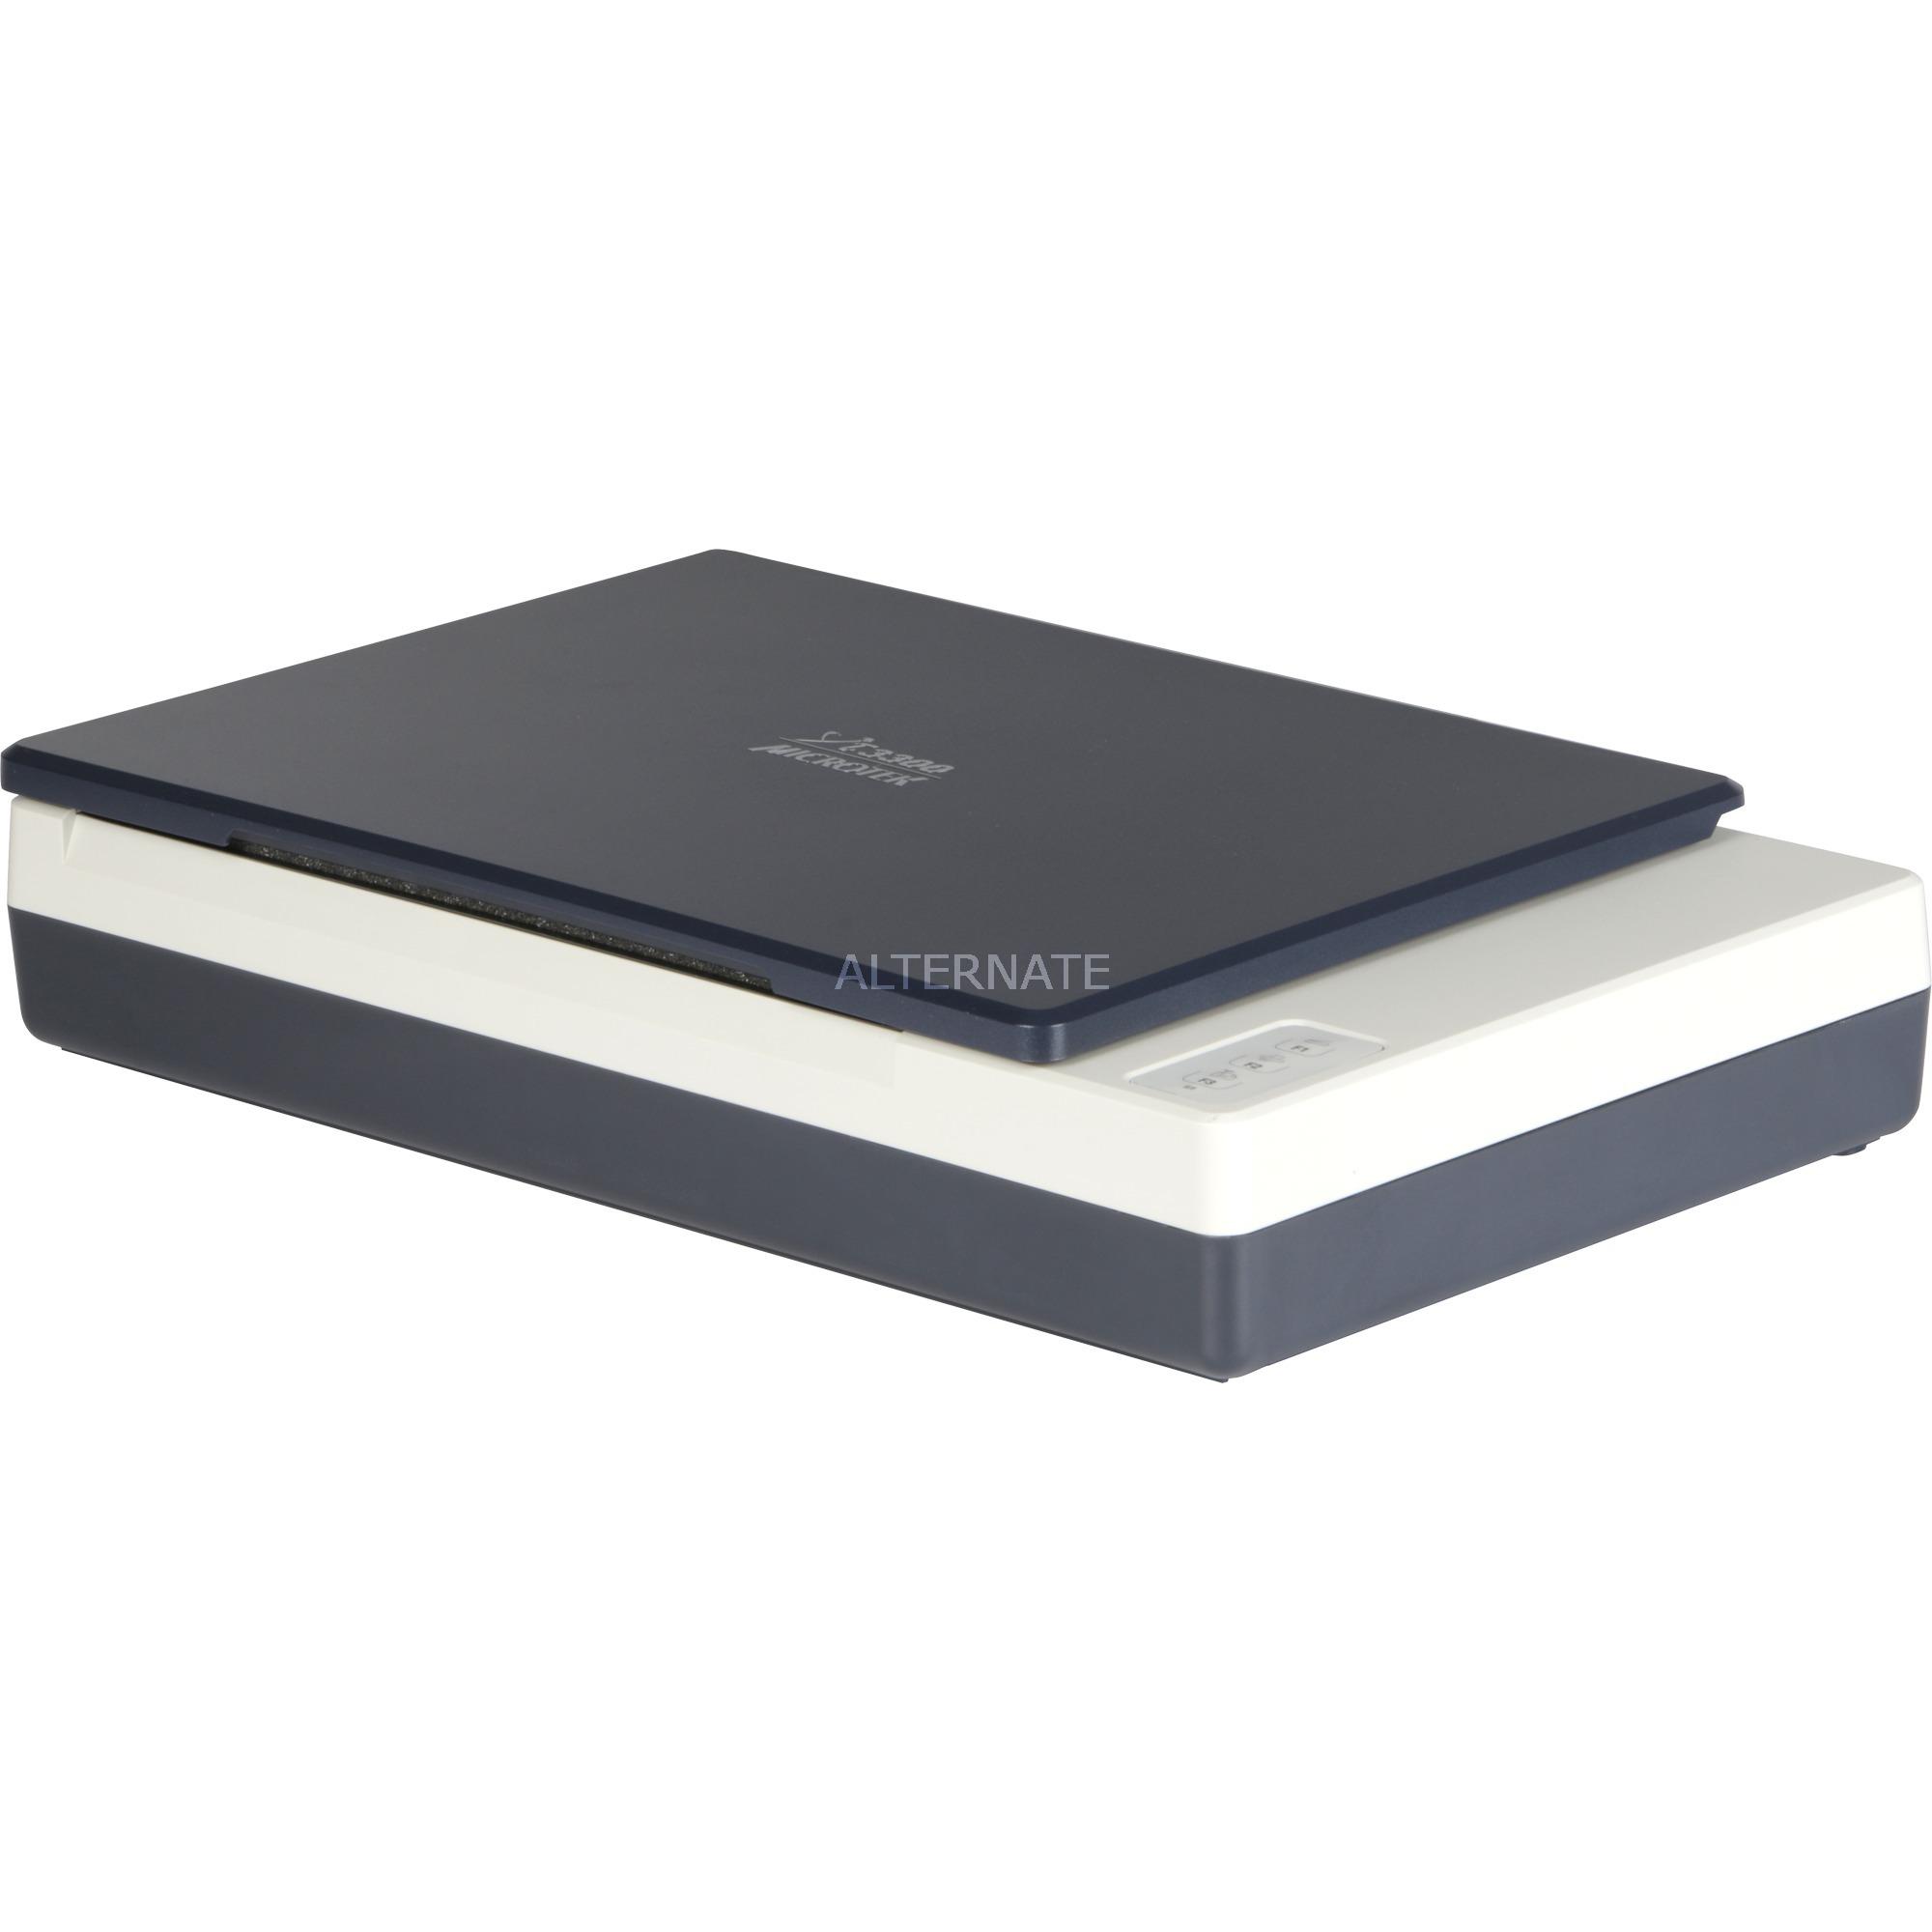 XT-3300 Escáner de cama plana 1200 x 2400DPI A4 Azul, Gris, Escáner plano